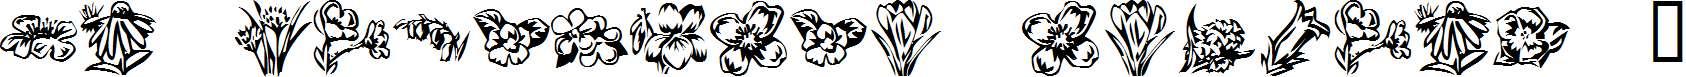 KR-Beautiful-Flowers-2